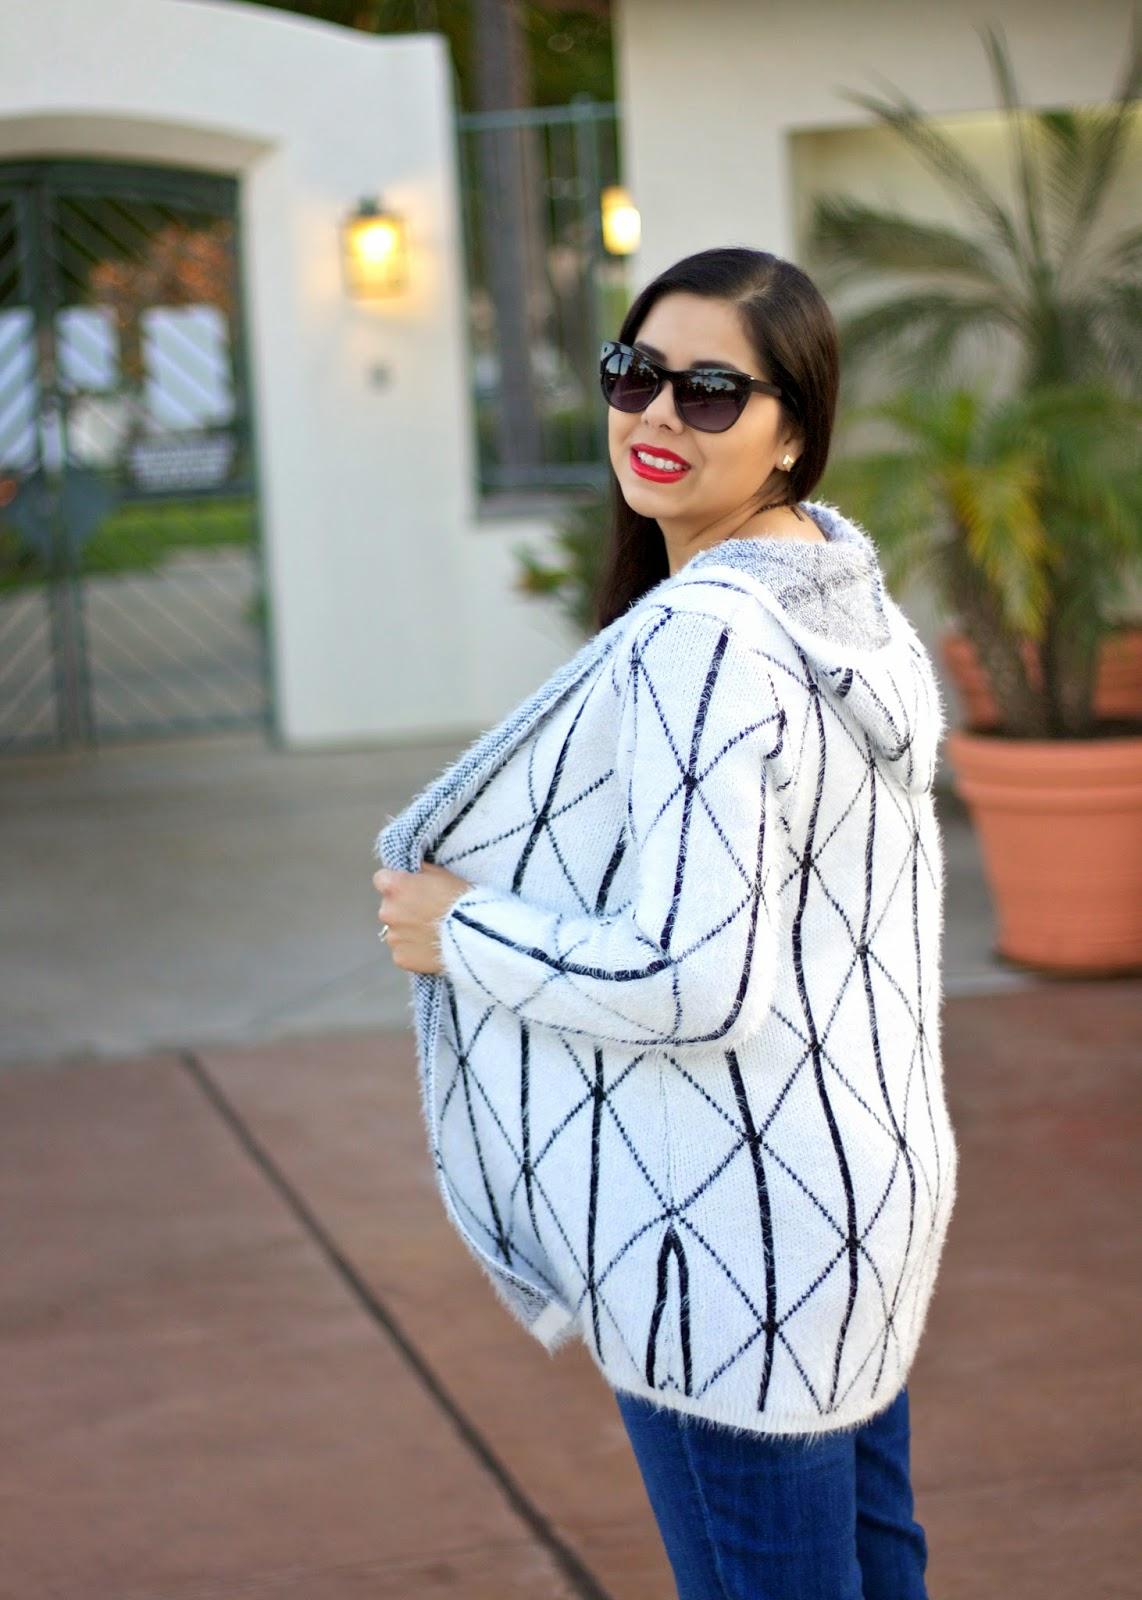 San Diego Fashion Blogger, San Diego Style Bloggers, San Diego Blogger, San Diego street style, sd fashion 2015, best of San Diego bloggers 2015